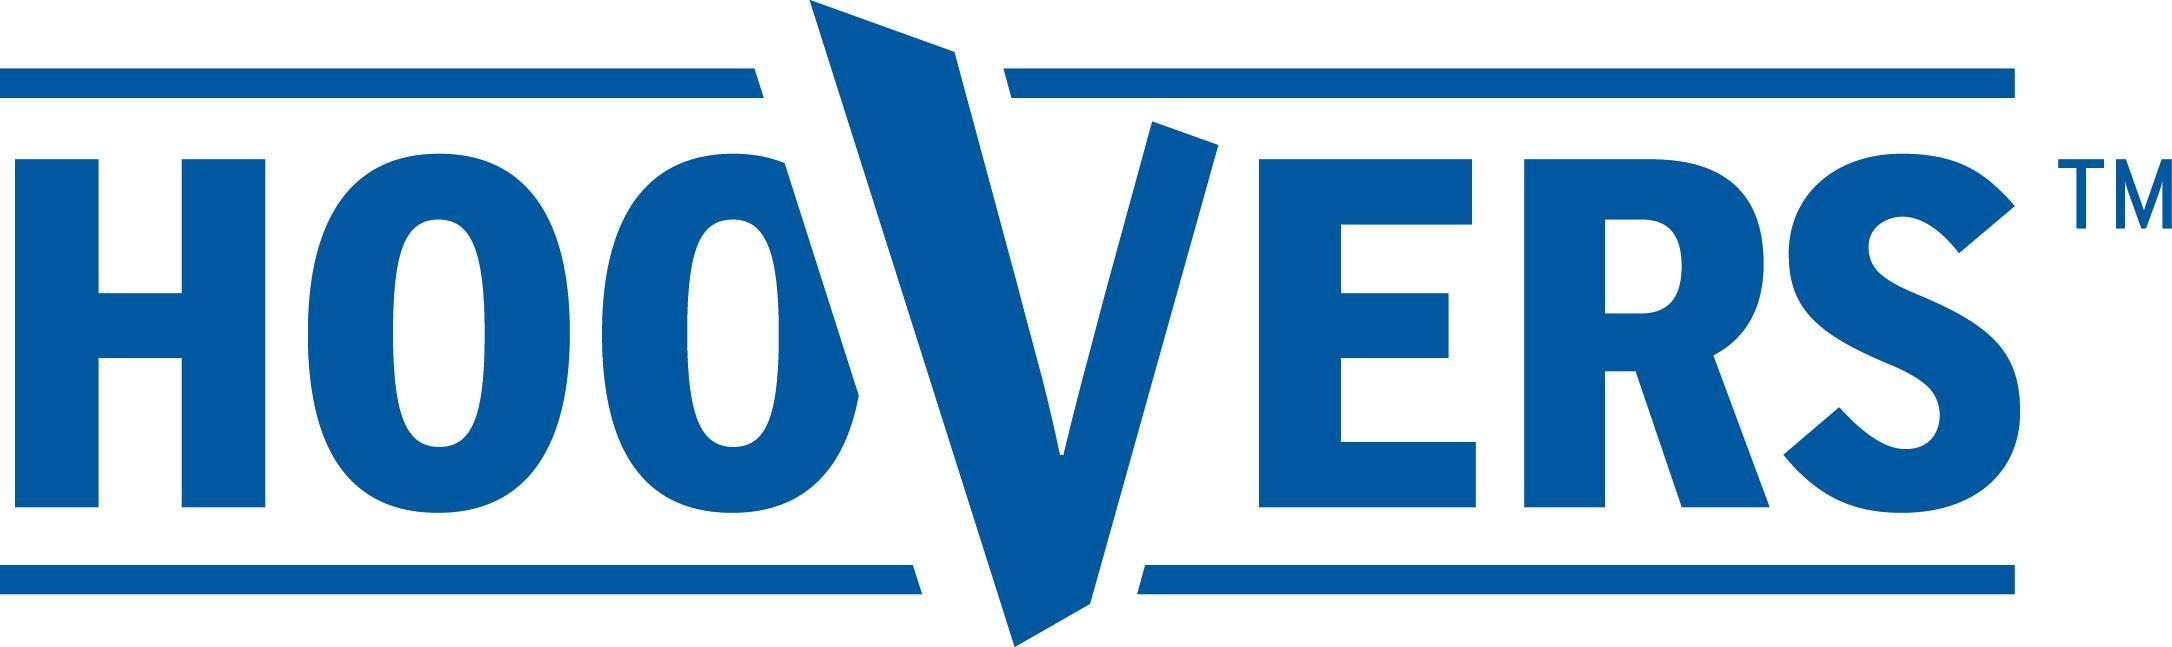 Hoovers